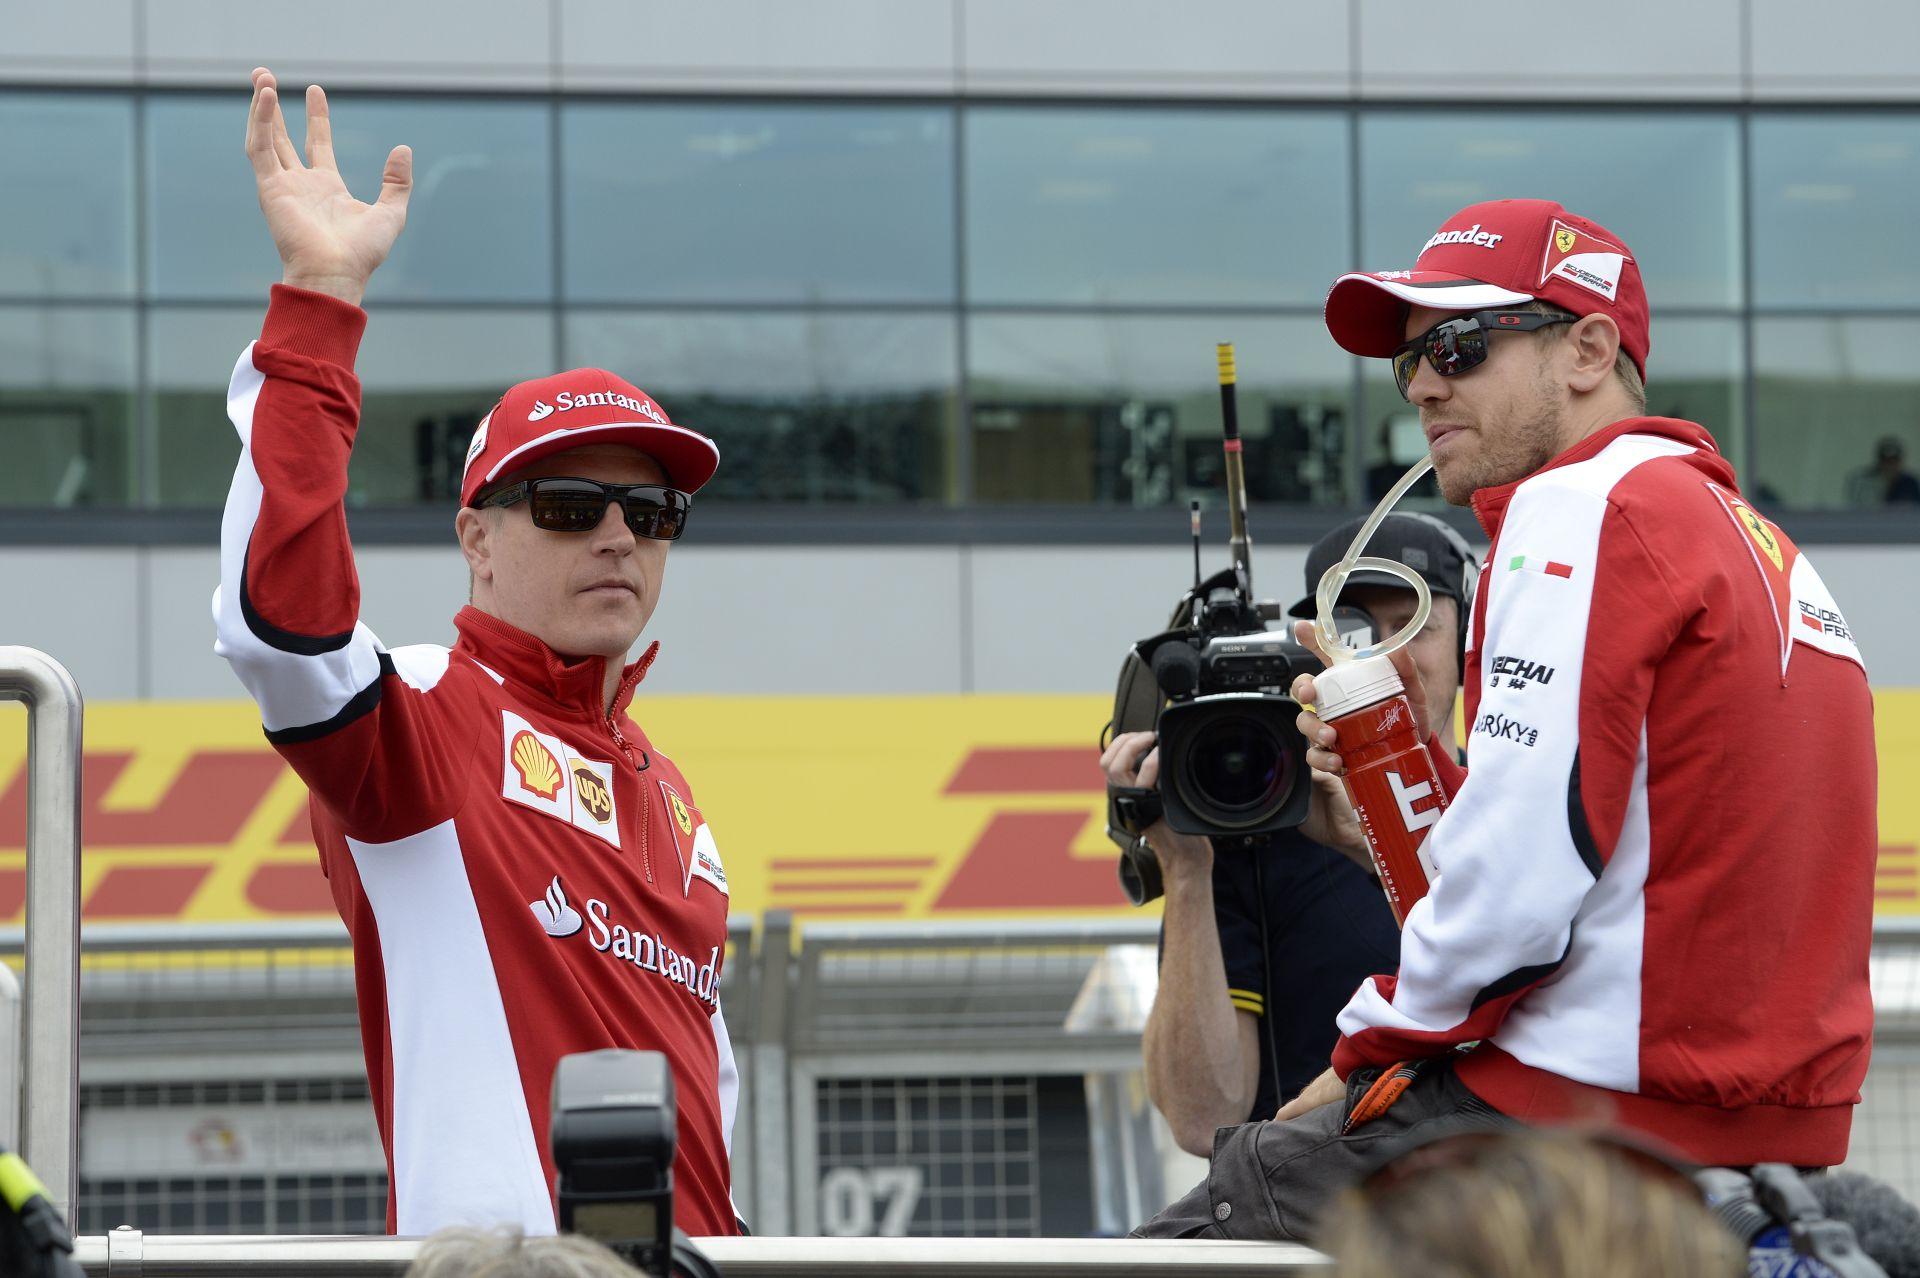 Vettel lassan megdöntheti Räikkönen rekordját!